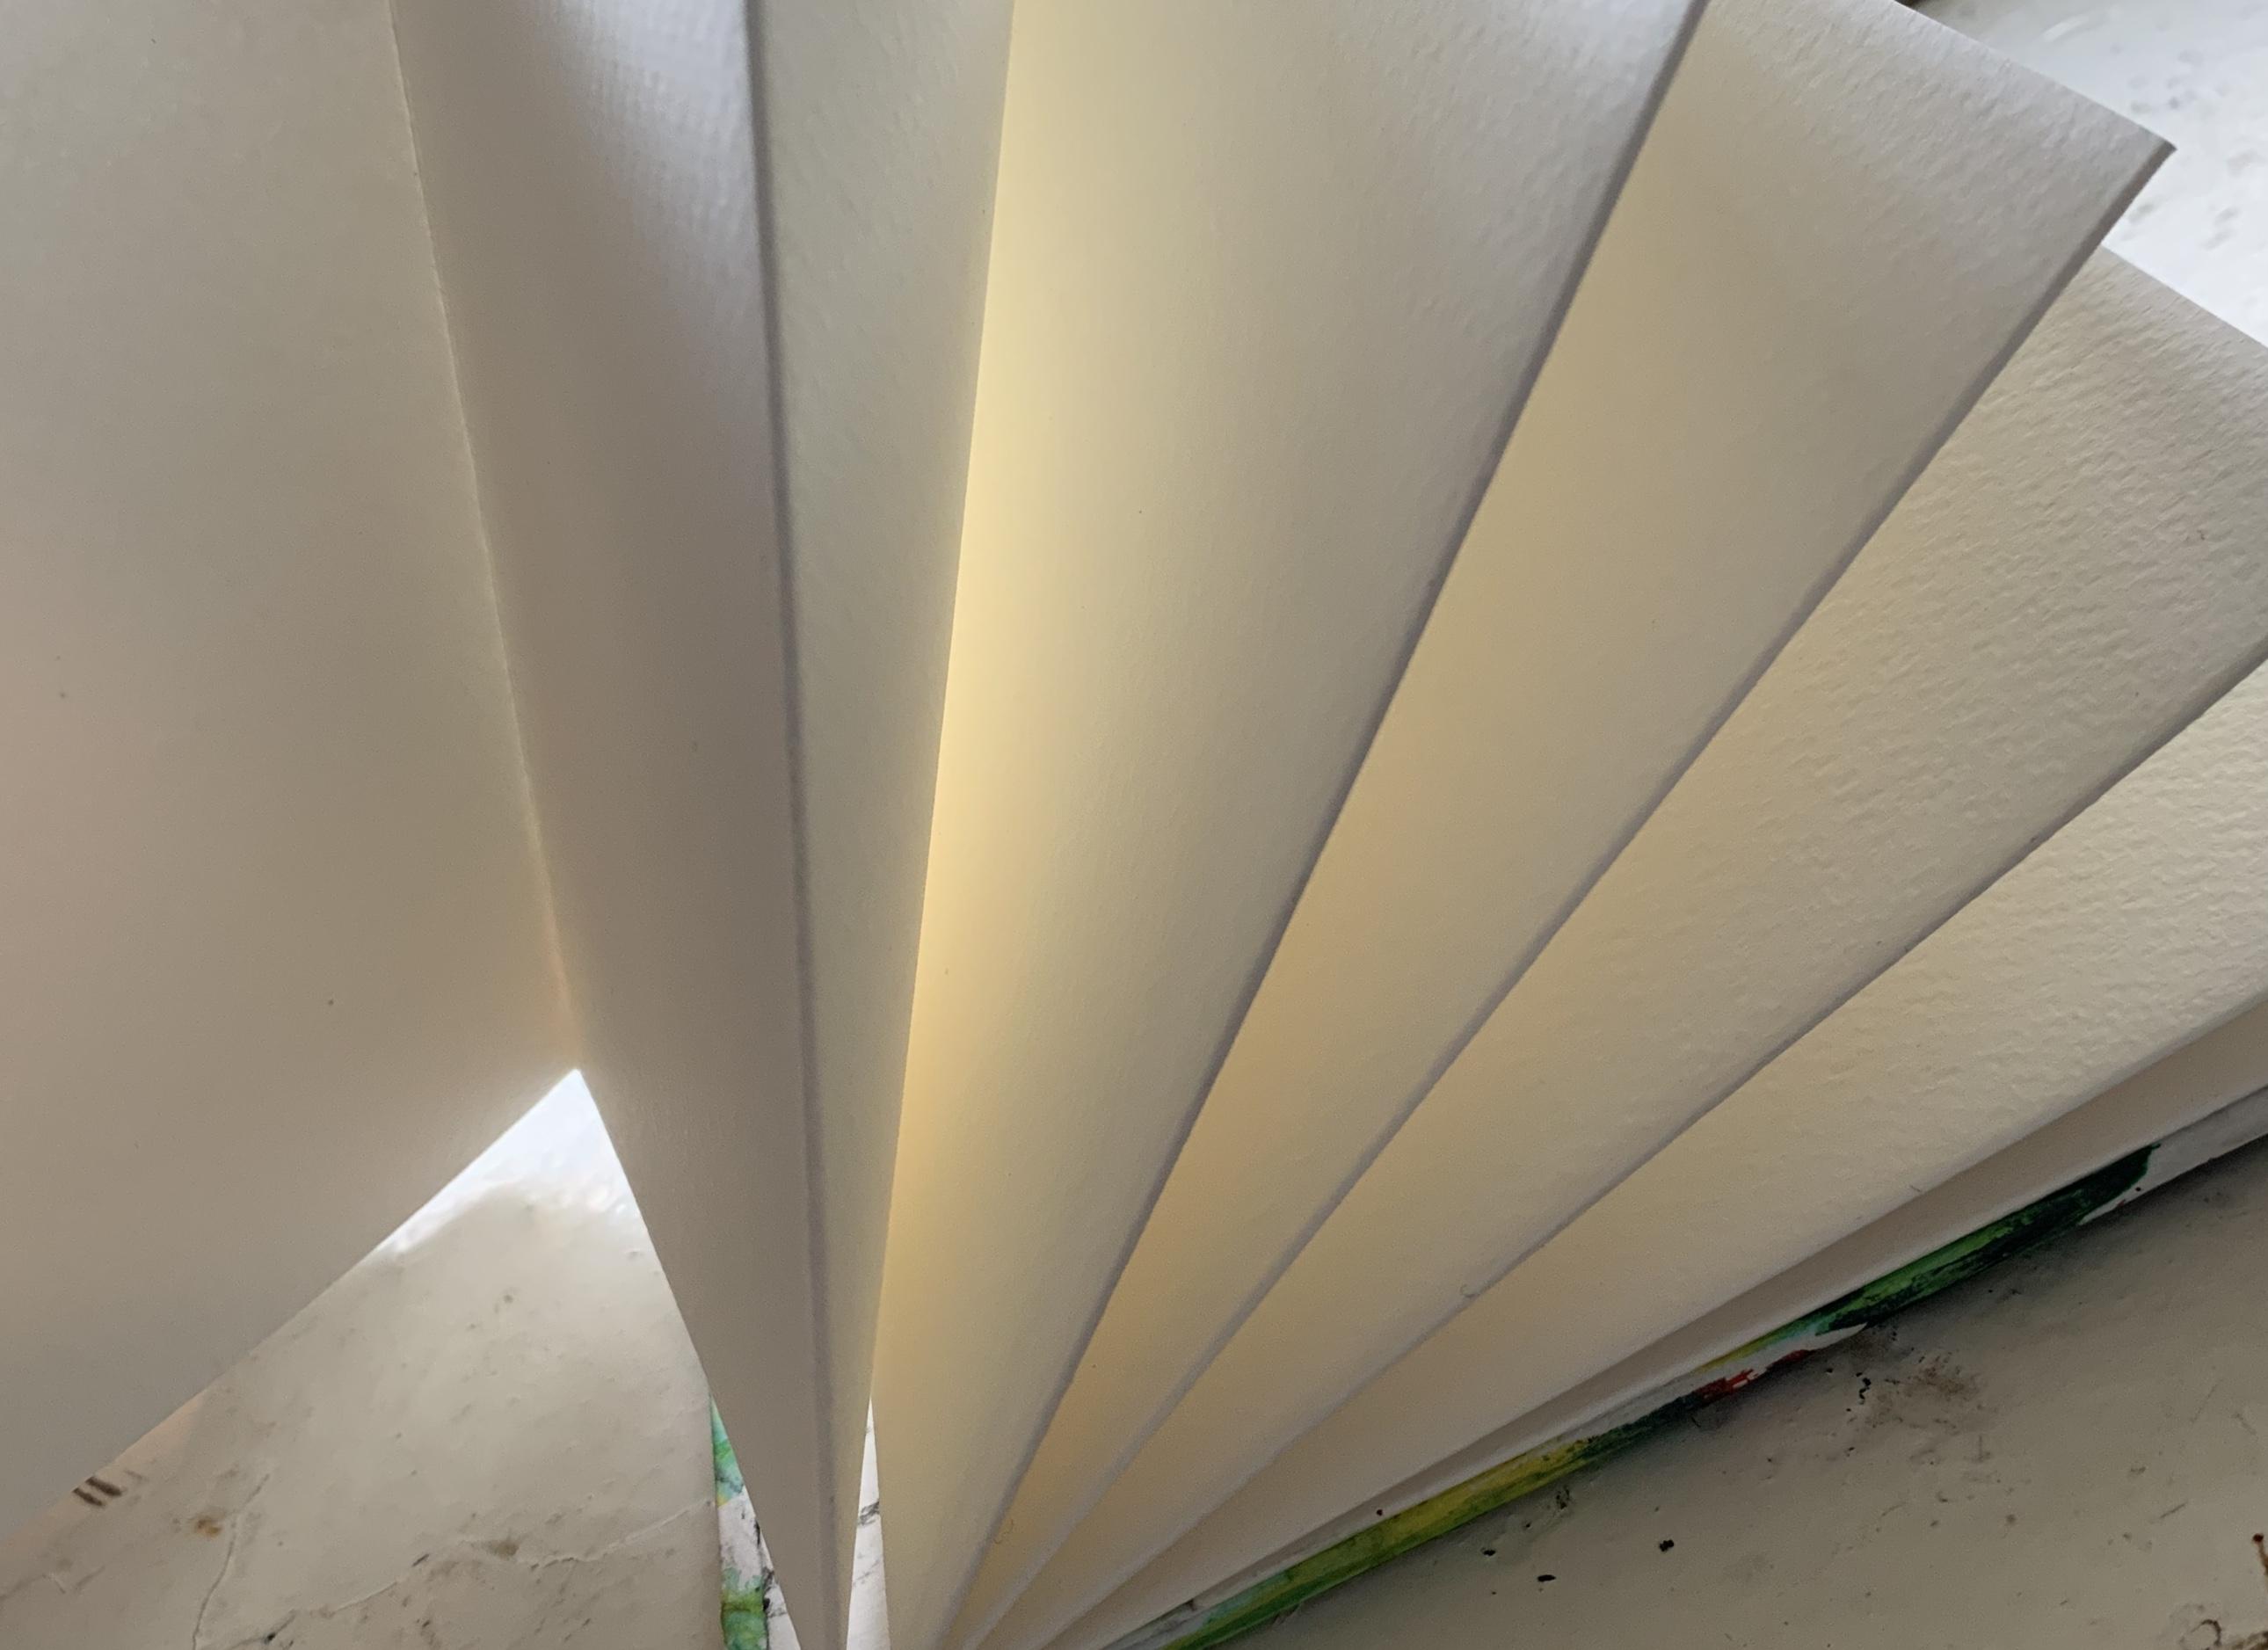 concertina folds